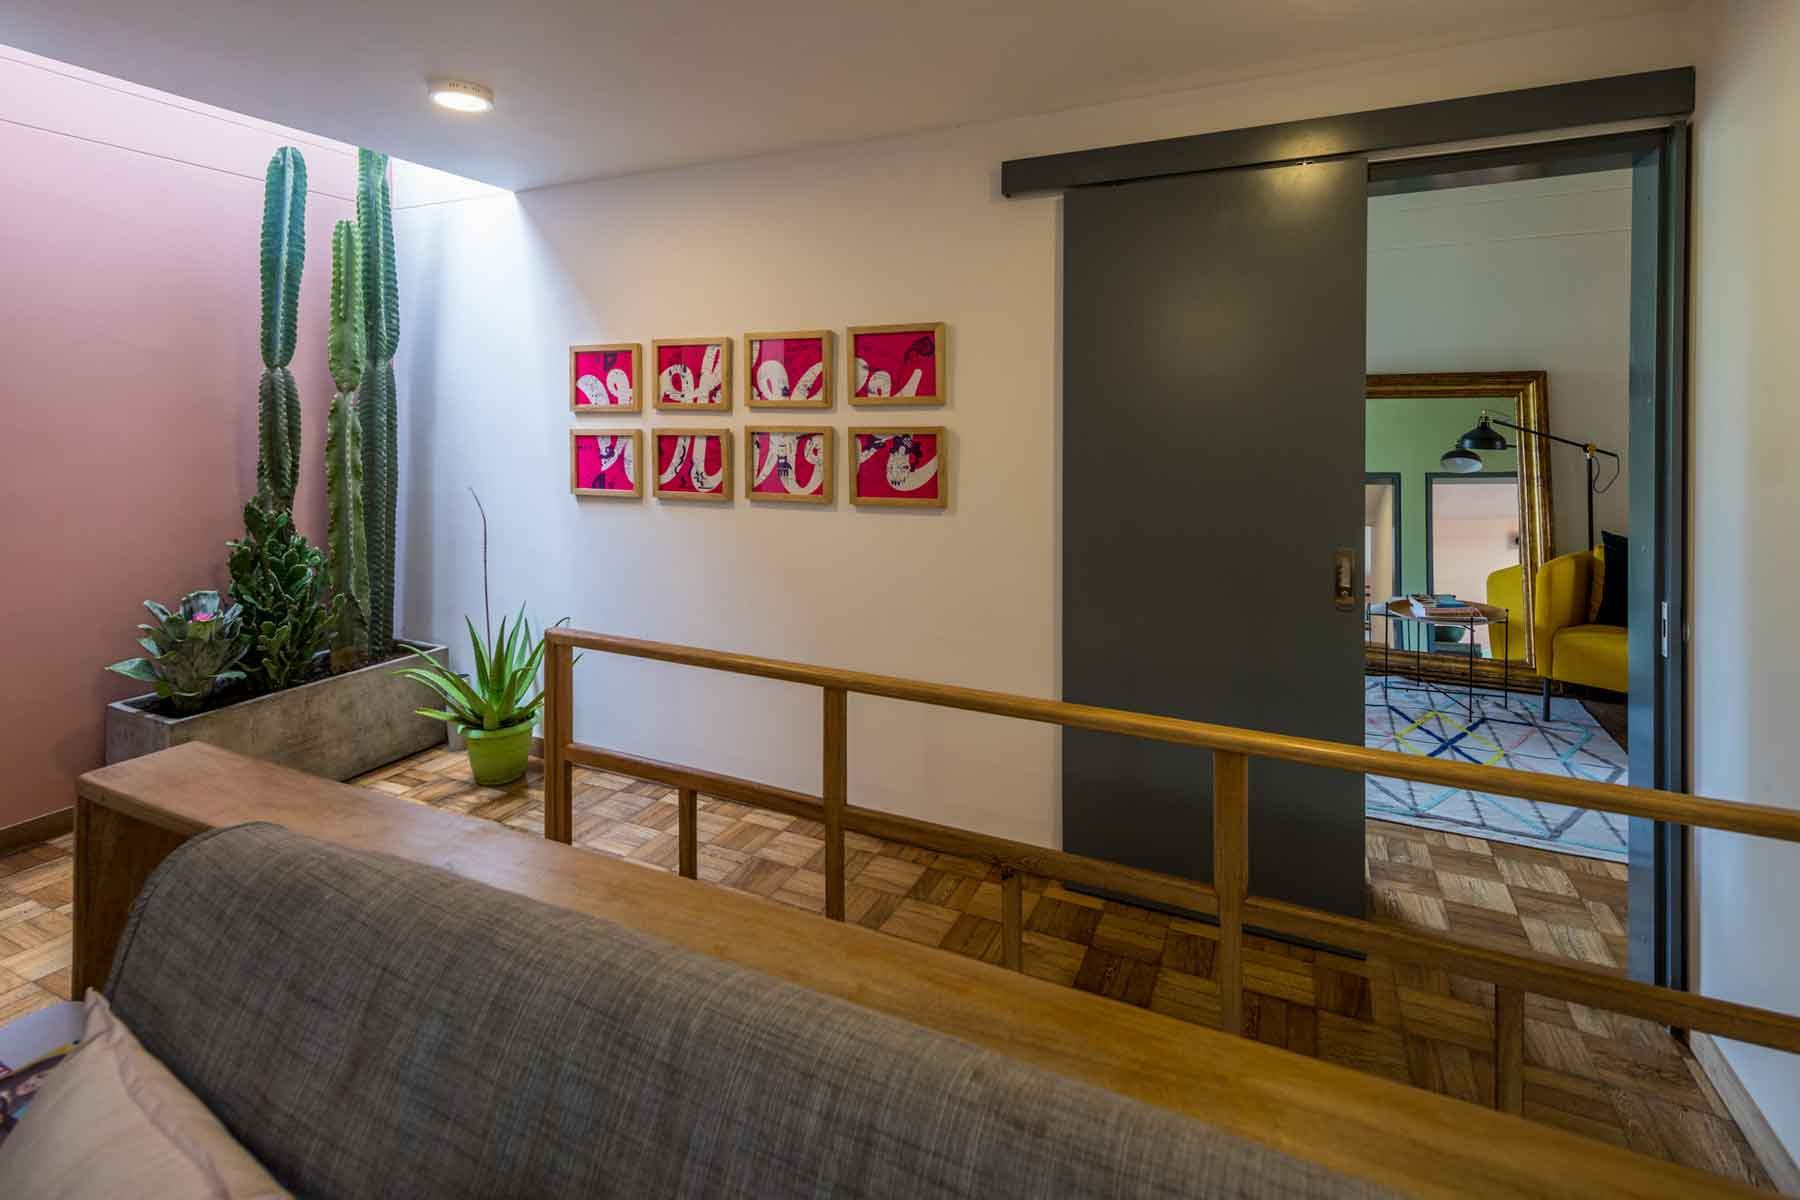 Casa 10 Medellín 2017